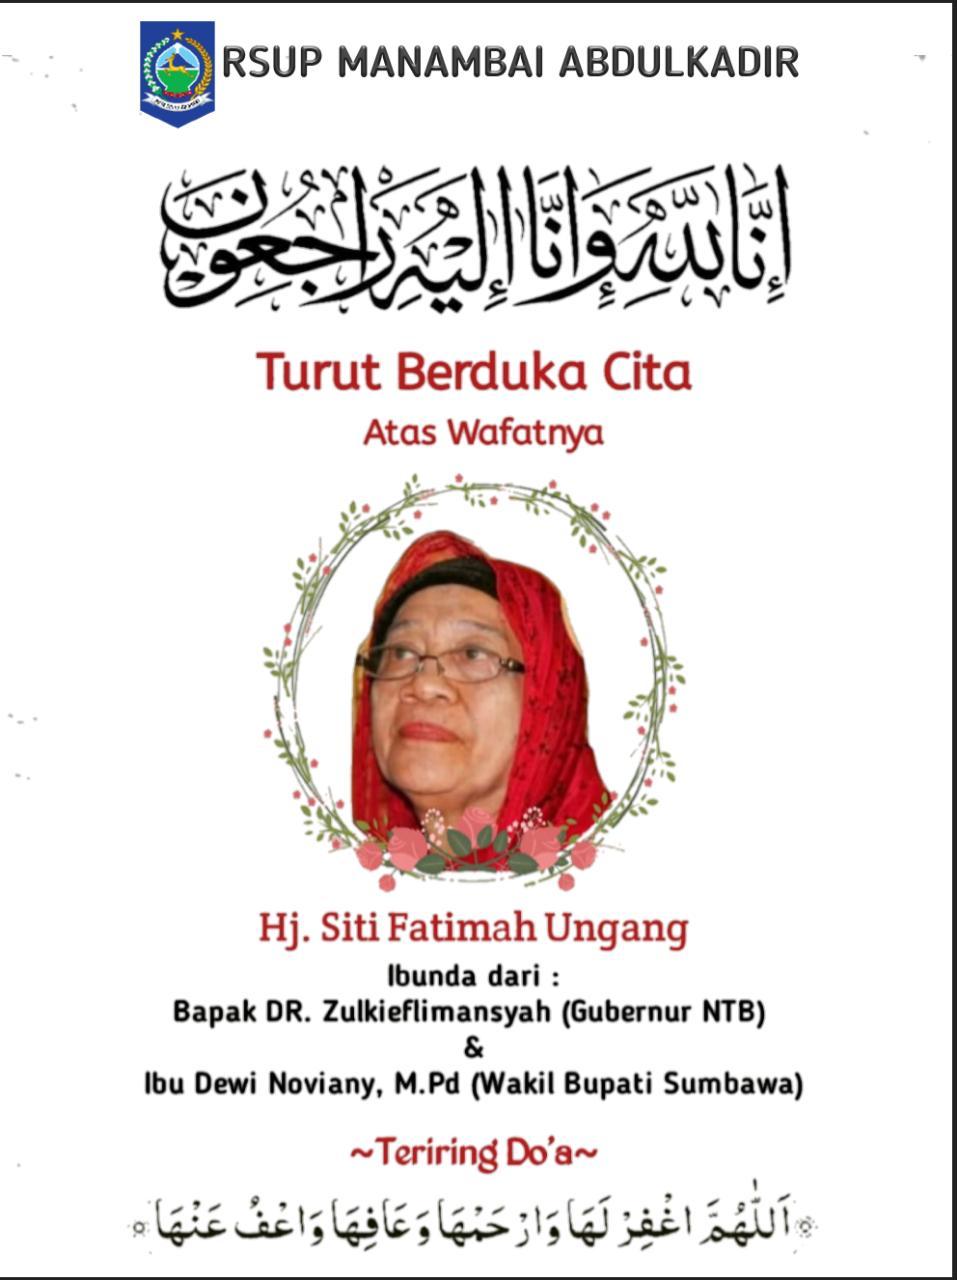 RSUP Manambai Abdul Kadir Berduka